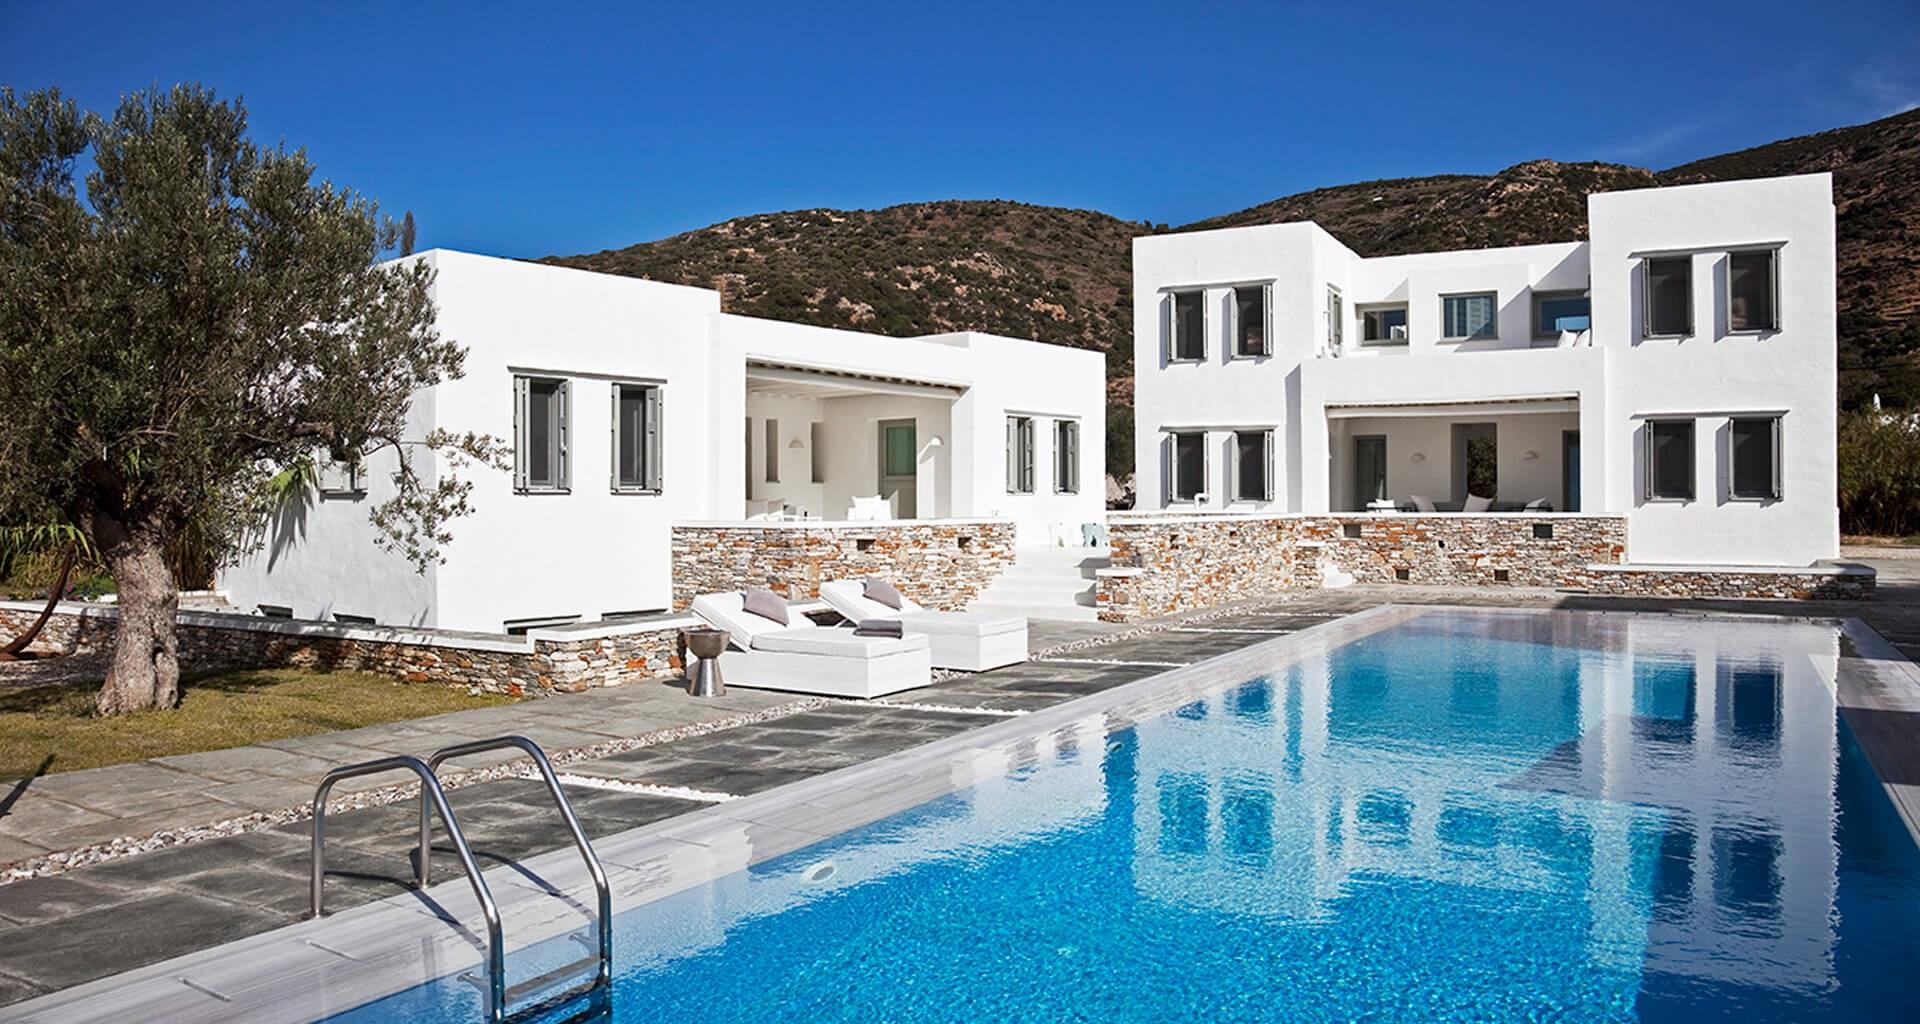 Sifnos Villa Gallery